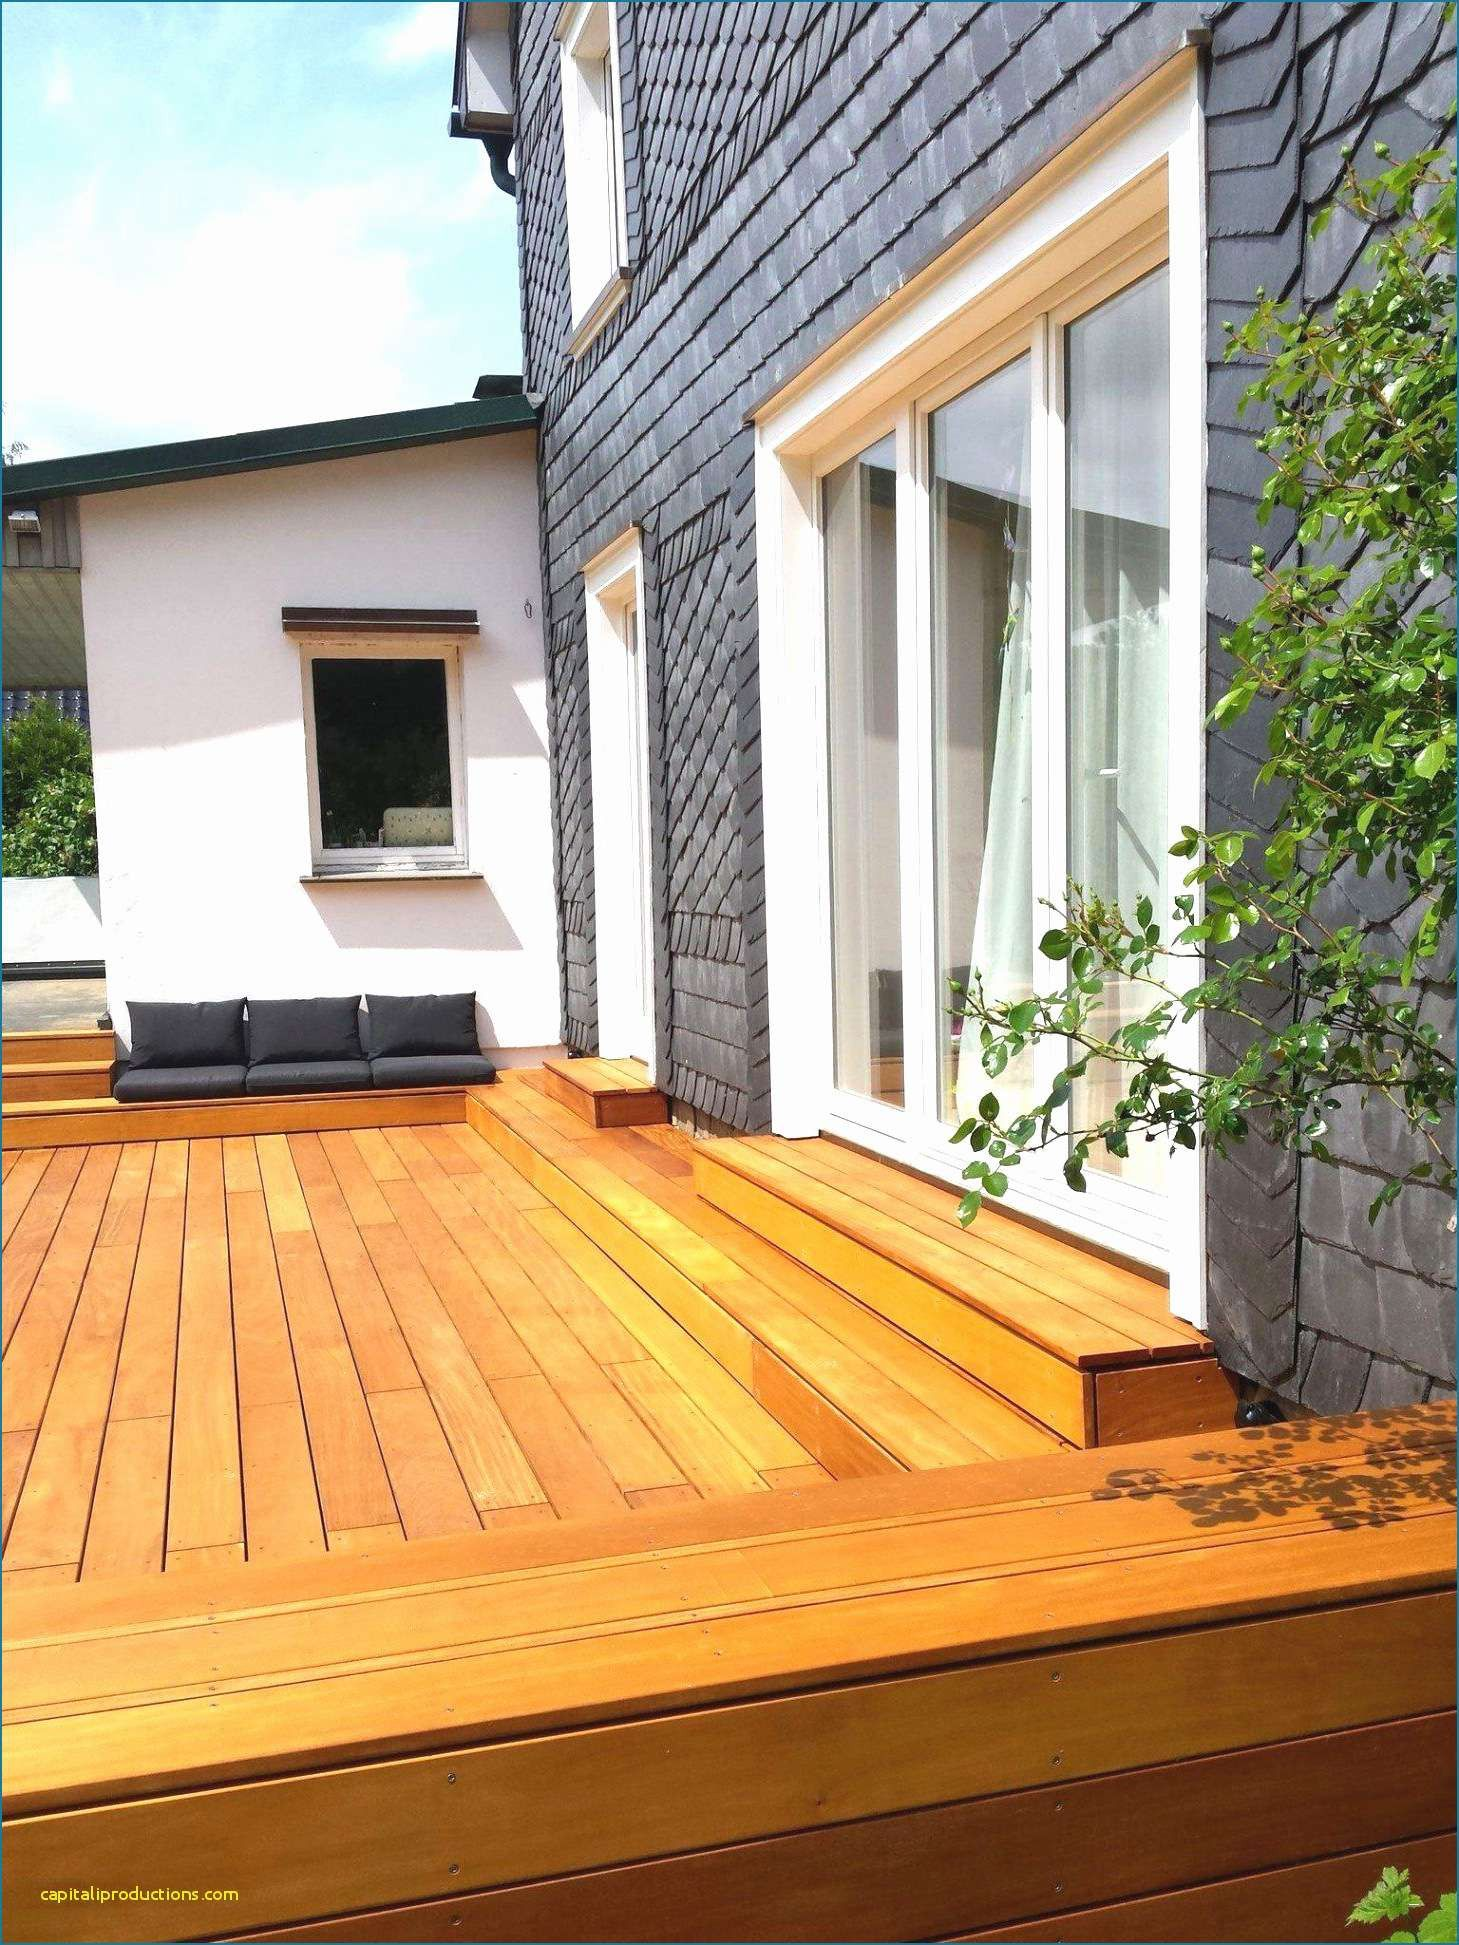 Bauhaus Sichtschutz Holz Sichtschutzzaun B X H 180 X 150 Cm